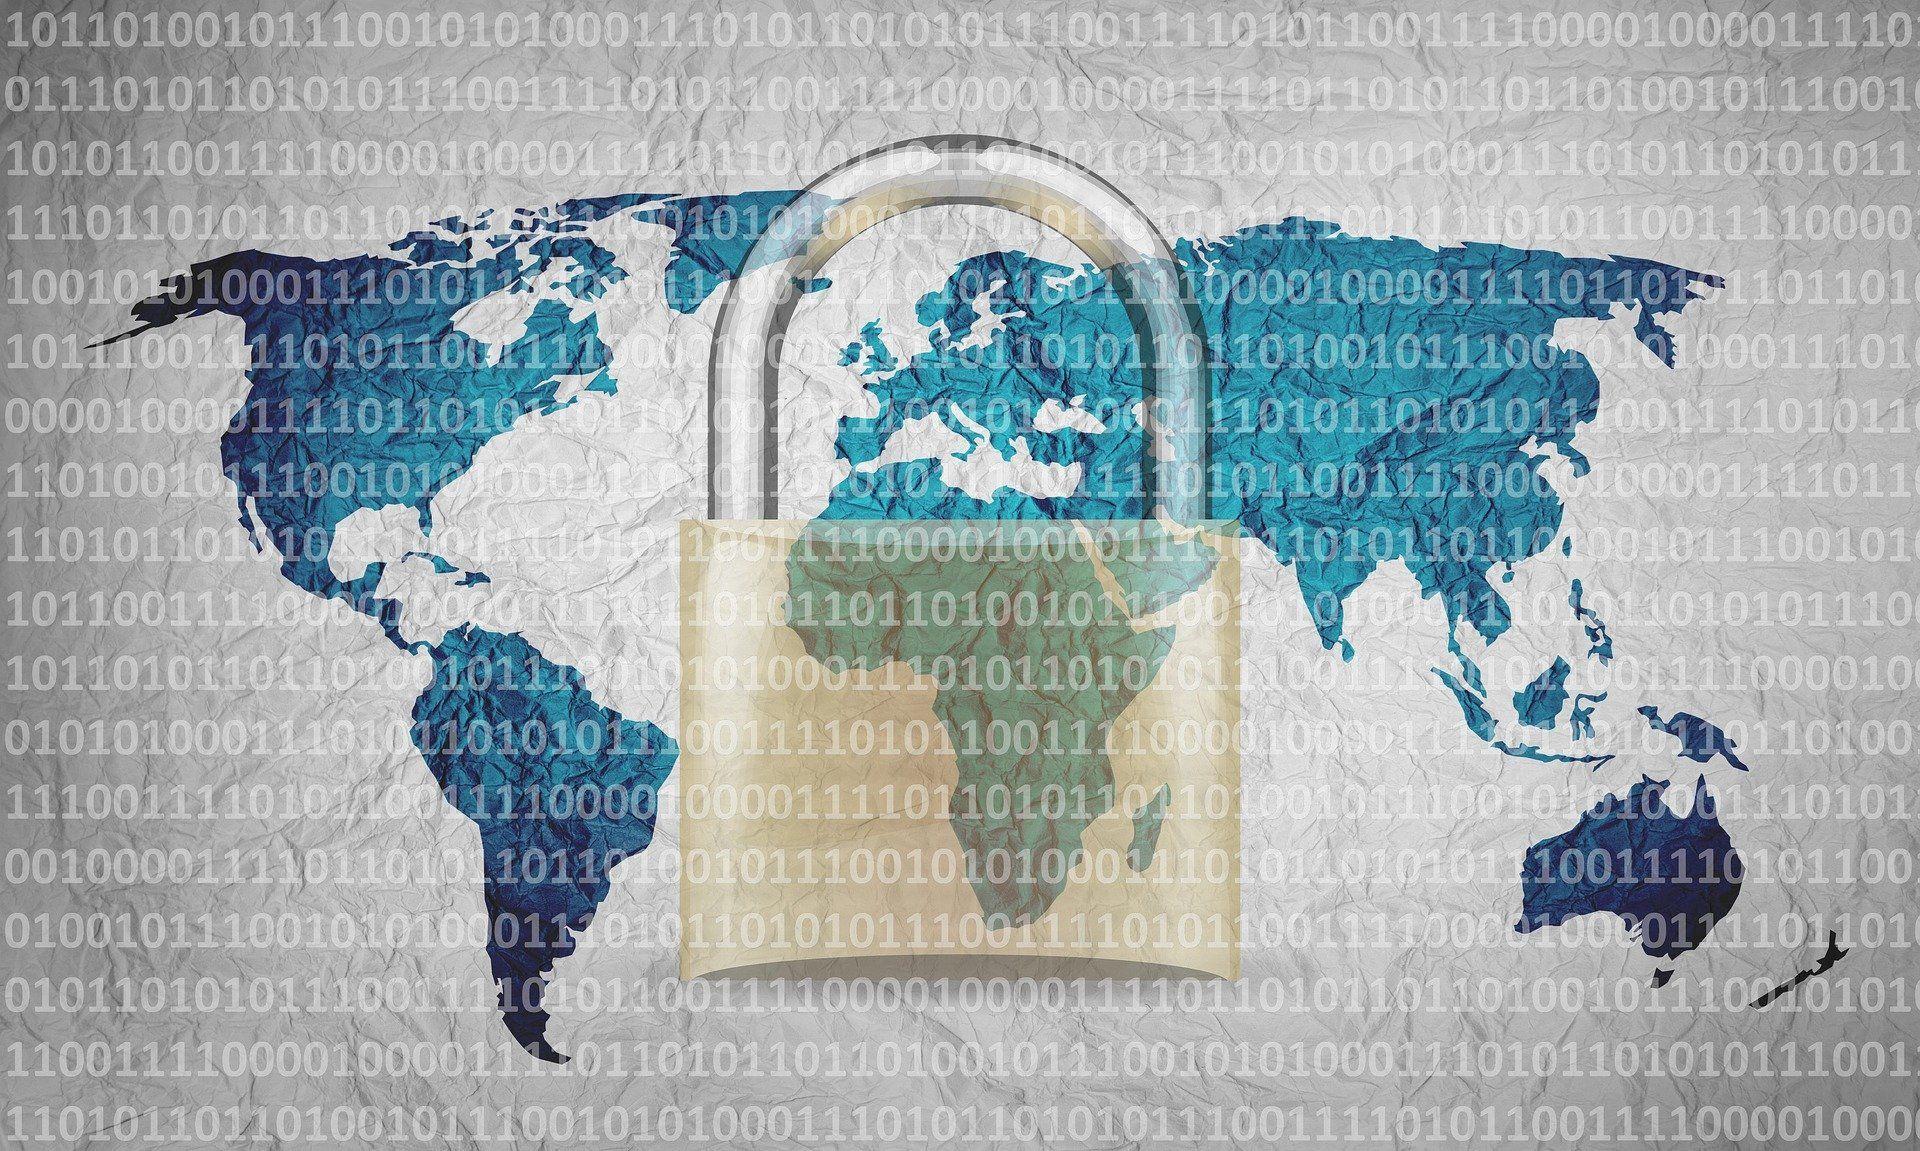 قفل شدن ارتباط با دنیا